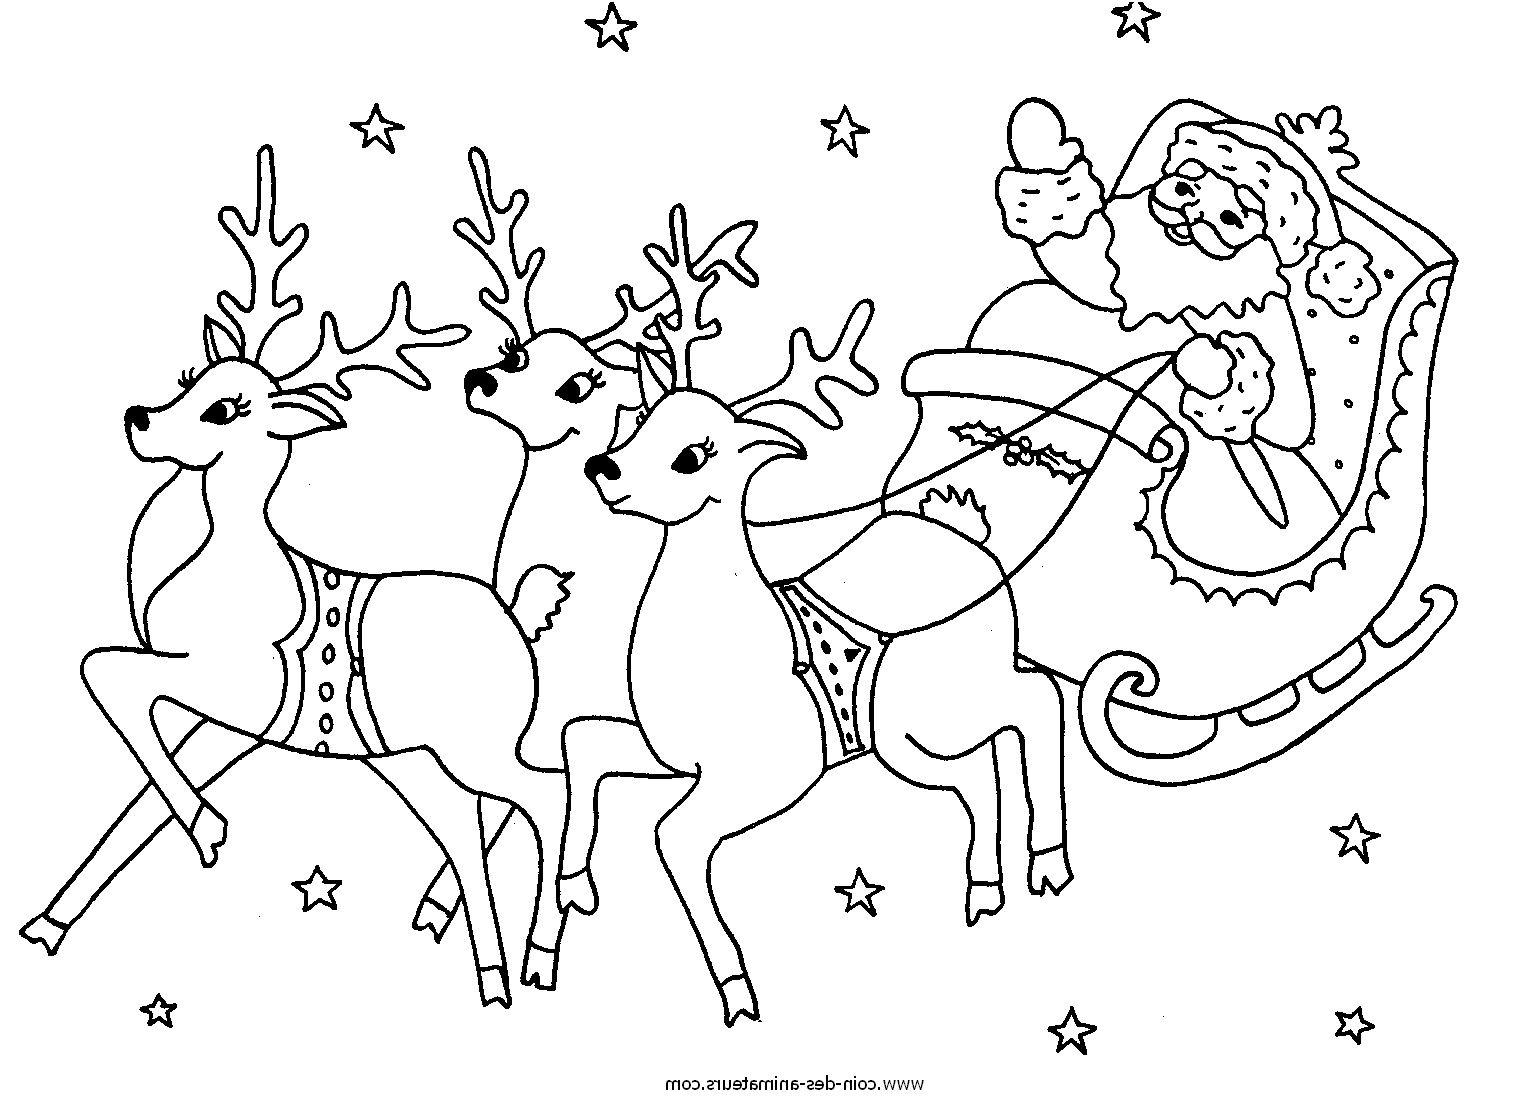 Coloriages Pere Noel En 2020 Coloriage Noel Coloriage Noel A